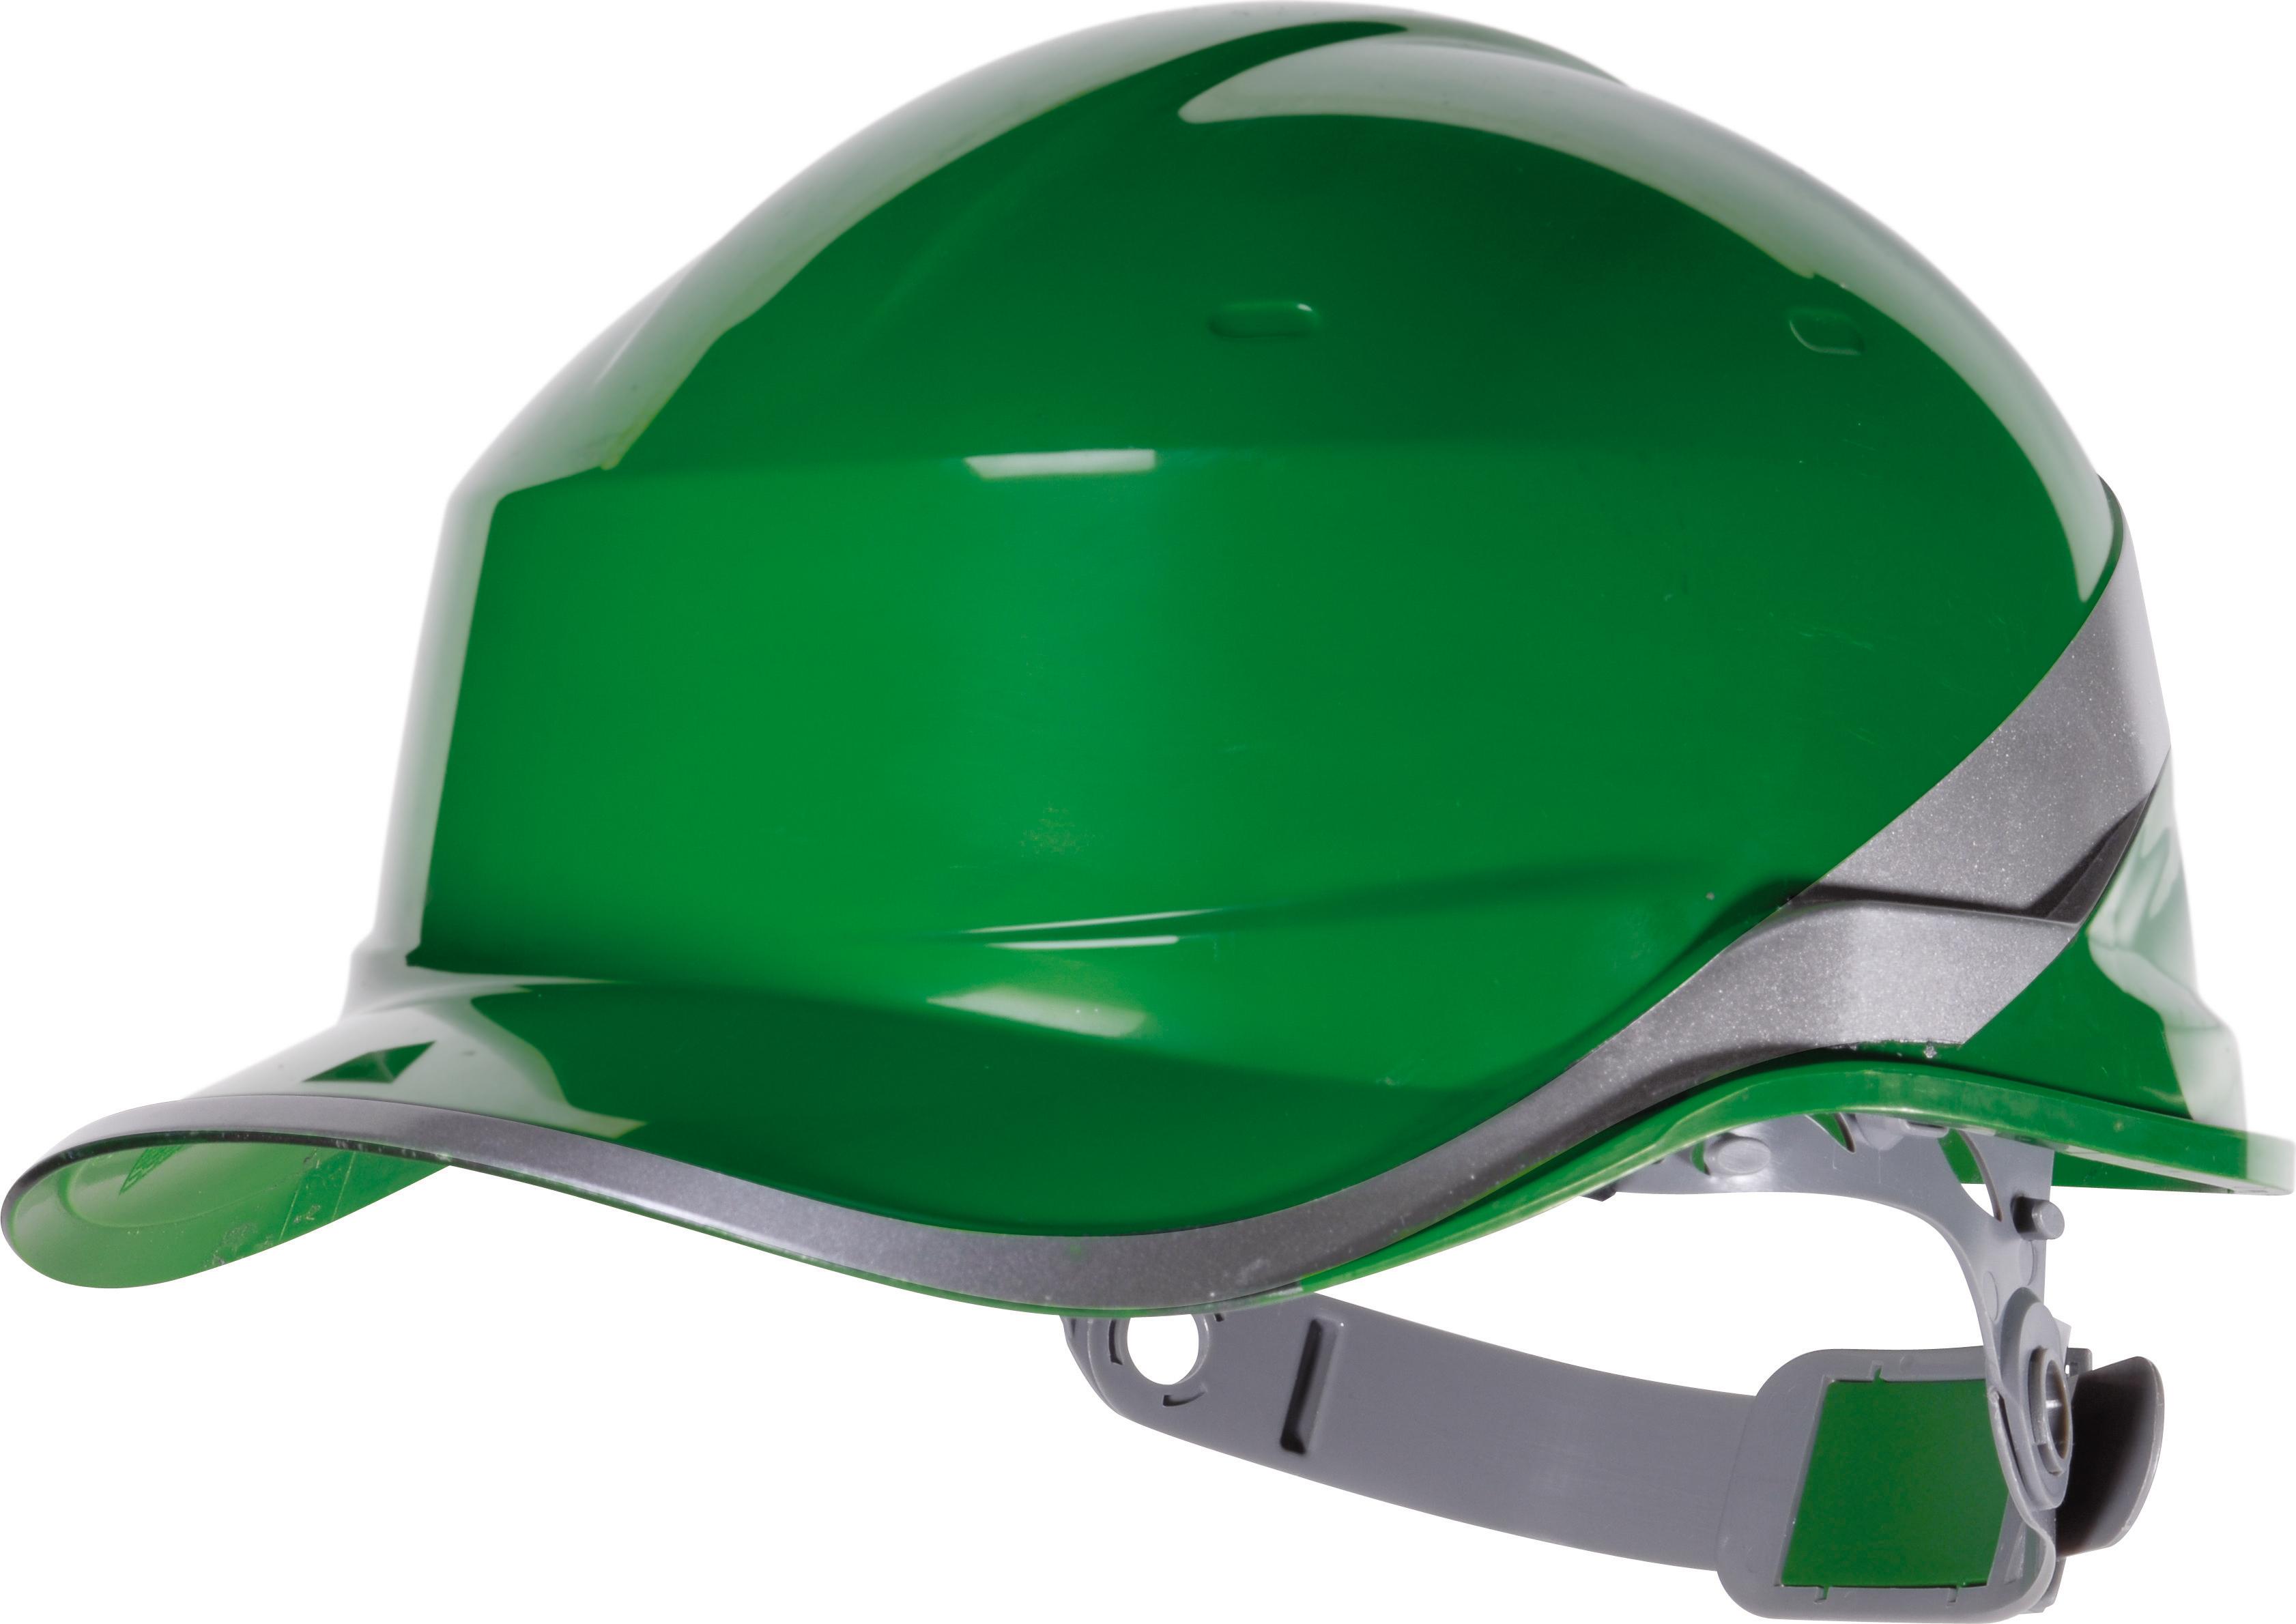 Safety Yellow Shirts >> Venitex Diamond V Safety Helmet | The Safety Shack